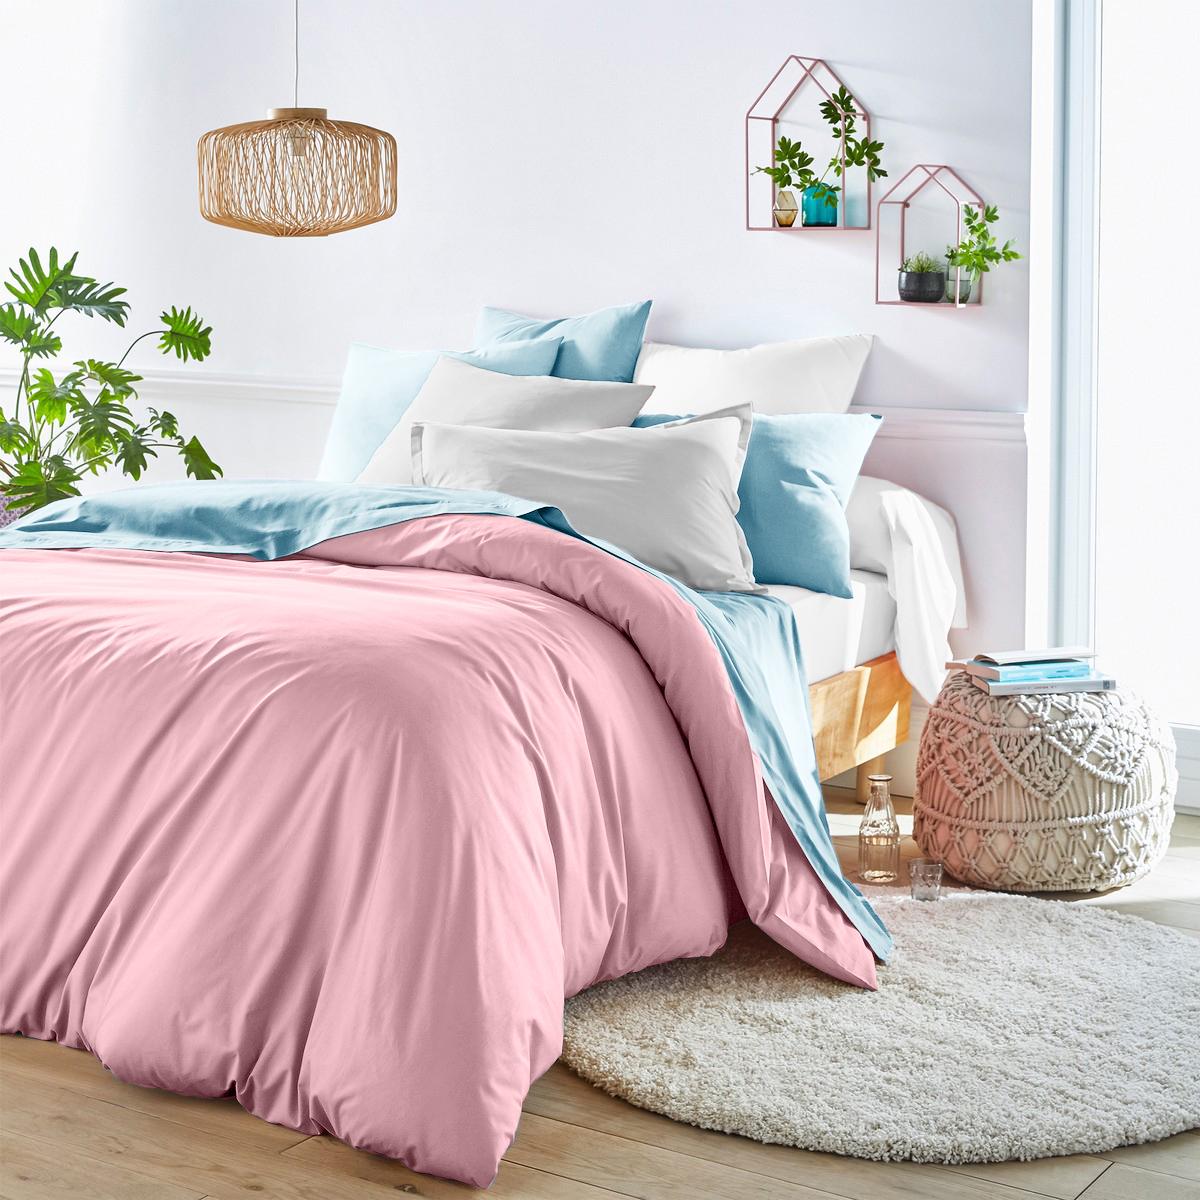 Купить Комплекты постельного белья Dome, Пододеяльник Aerlight Цвет: Розовый (200х215 см), Дания, Хлопковый сатин